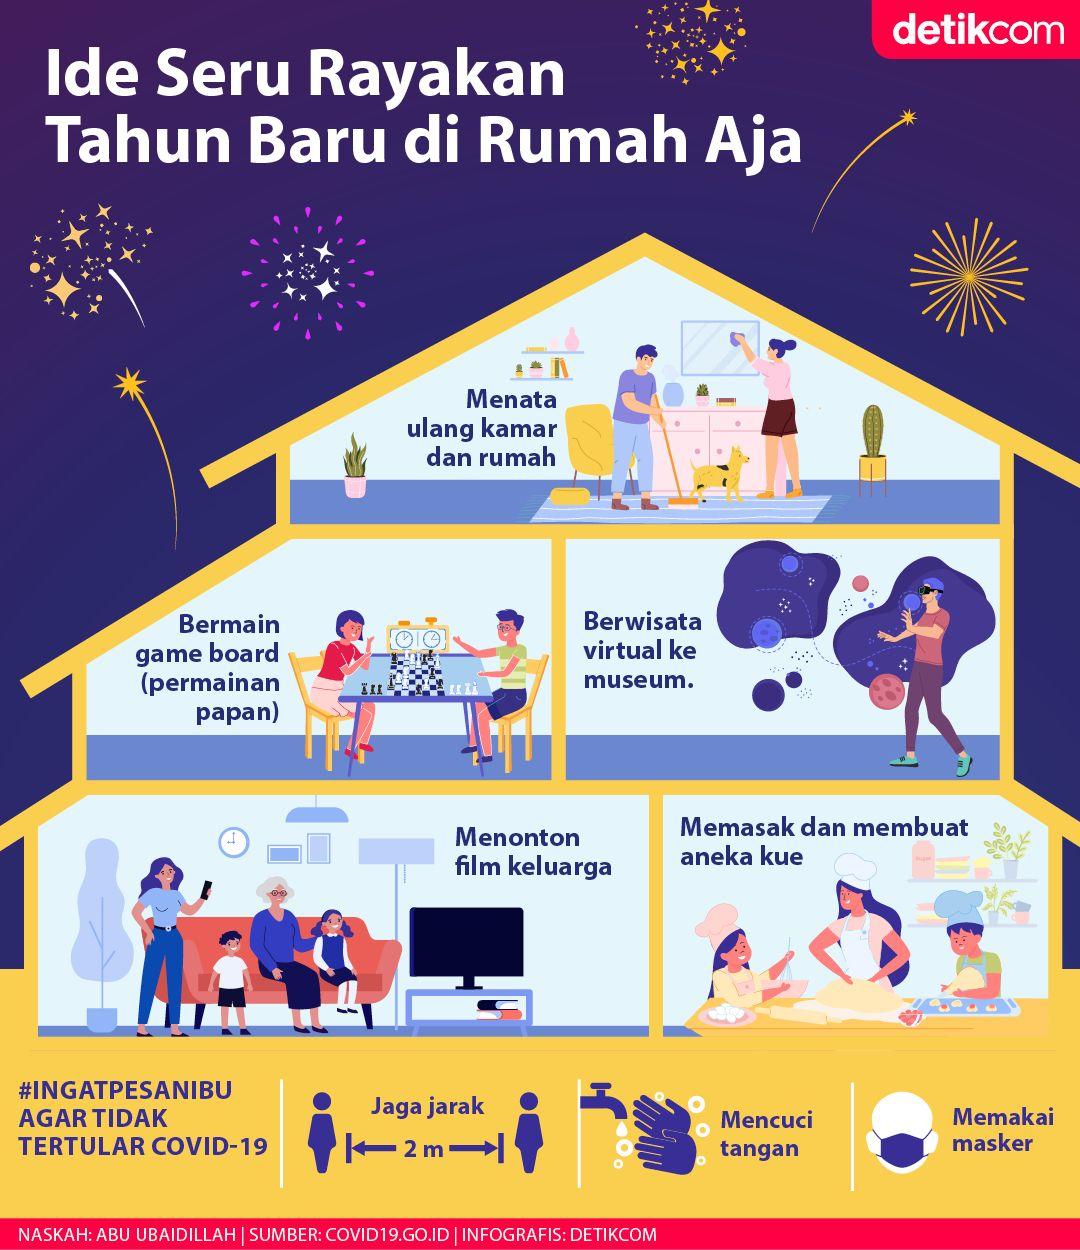 Malam tahun baru di rumah